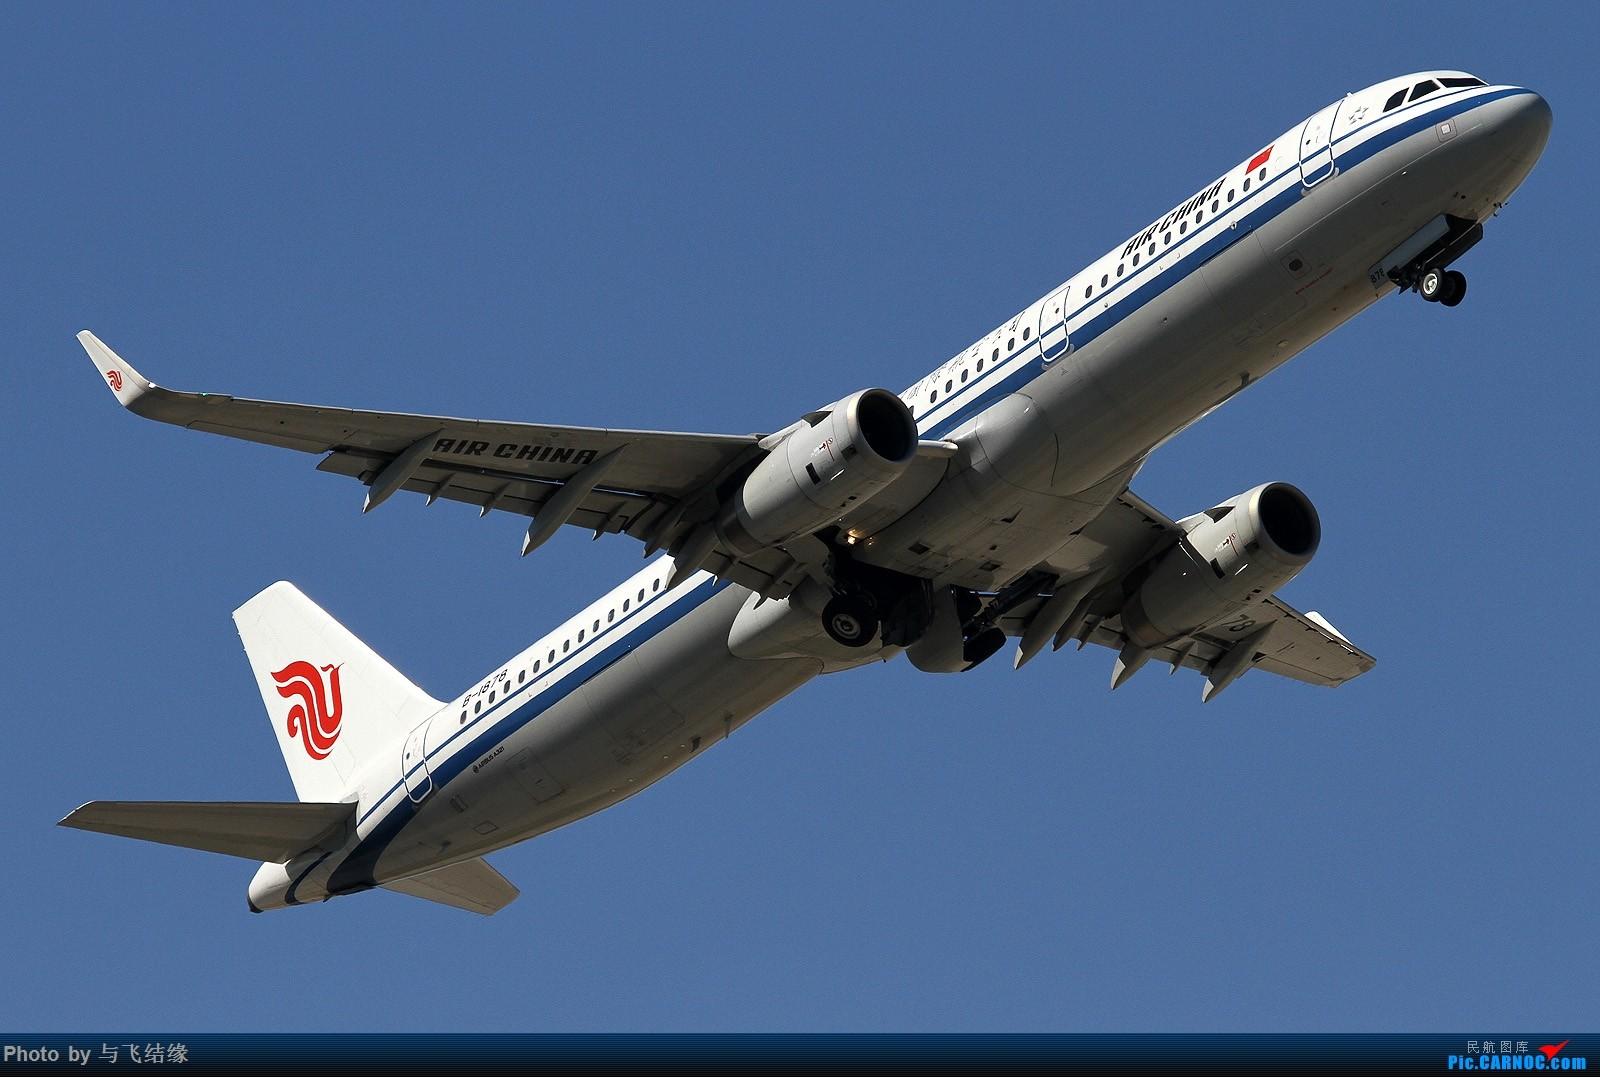 Re:[原创]一组小翼空客Airbus A321的图! AIRBUS A321-200 B-1878 中国北京首都国际机场